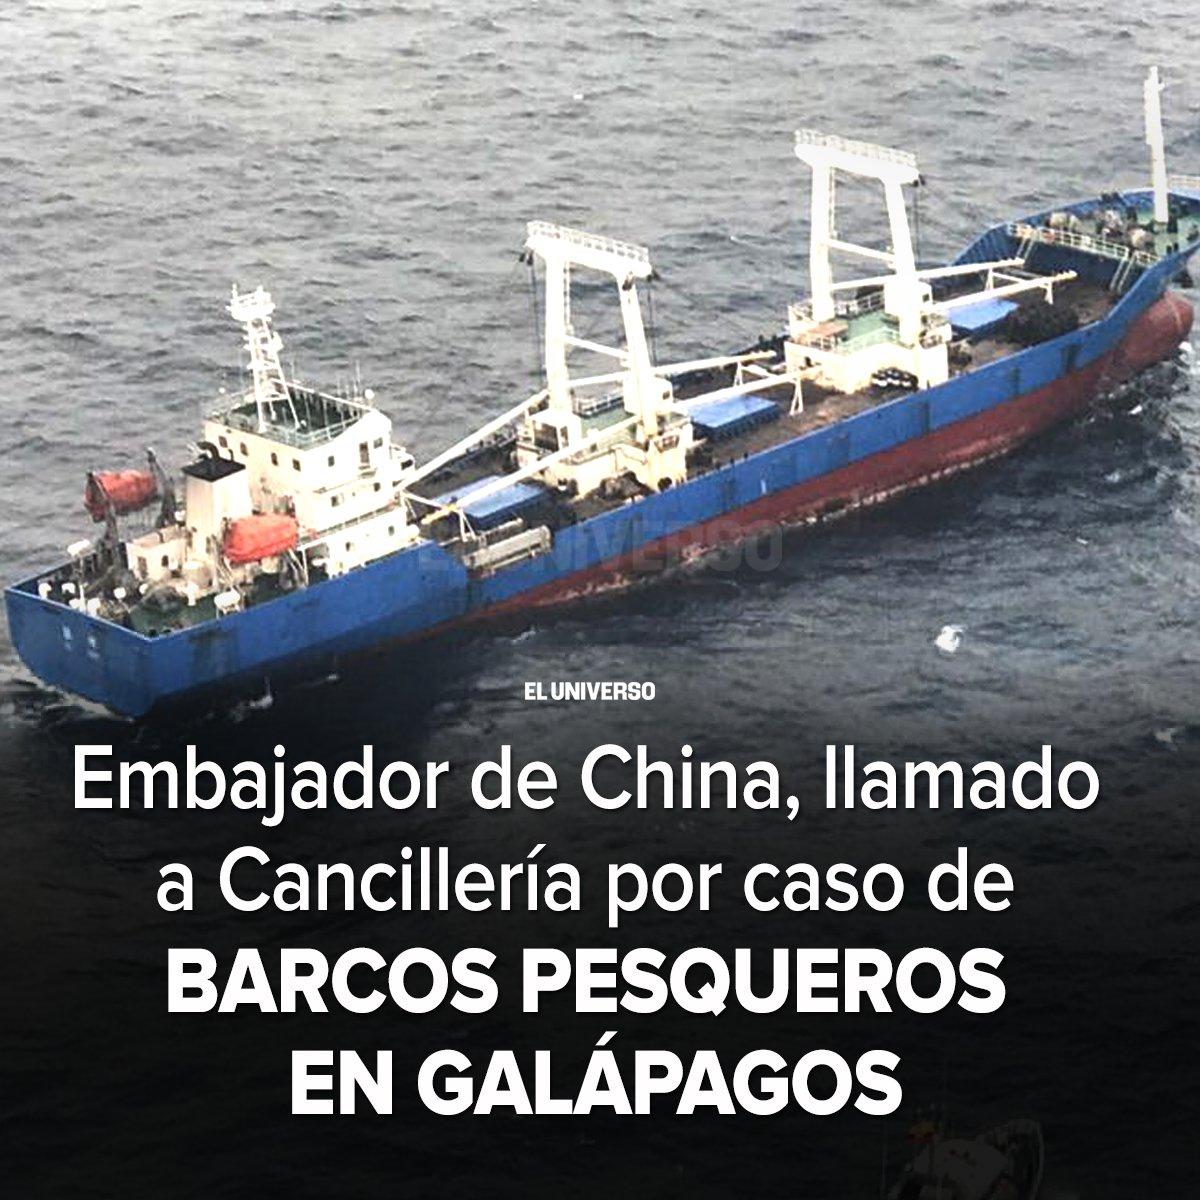 Ecuador protesta ante embajador de China por pesca en zona cercana a Galápagos